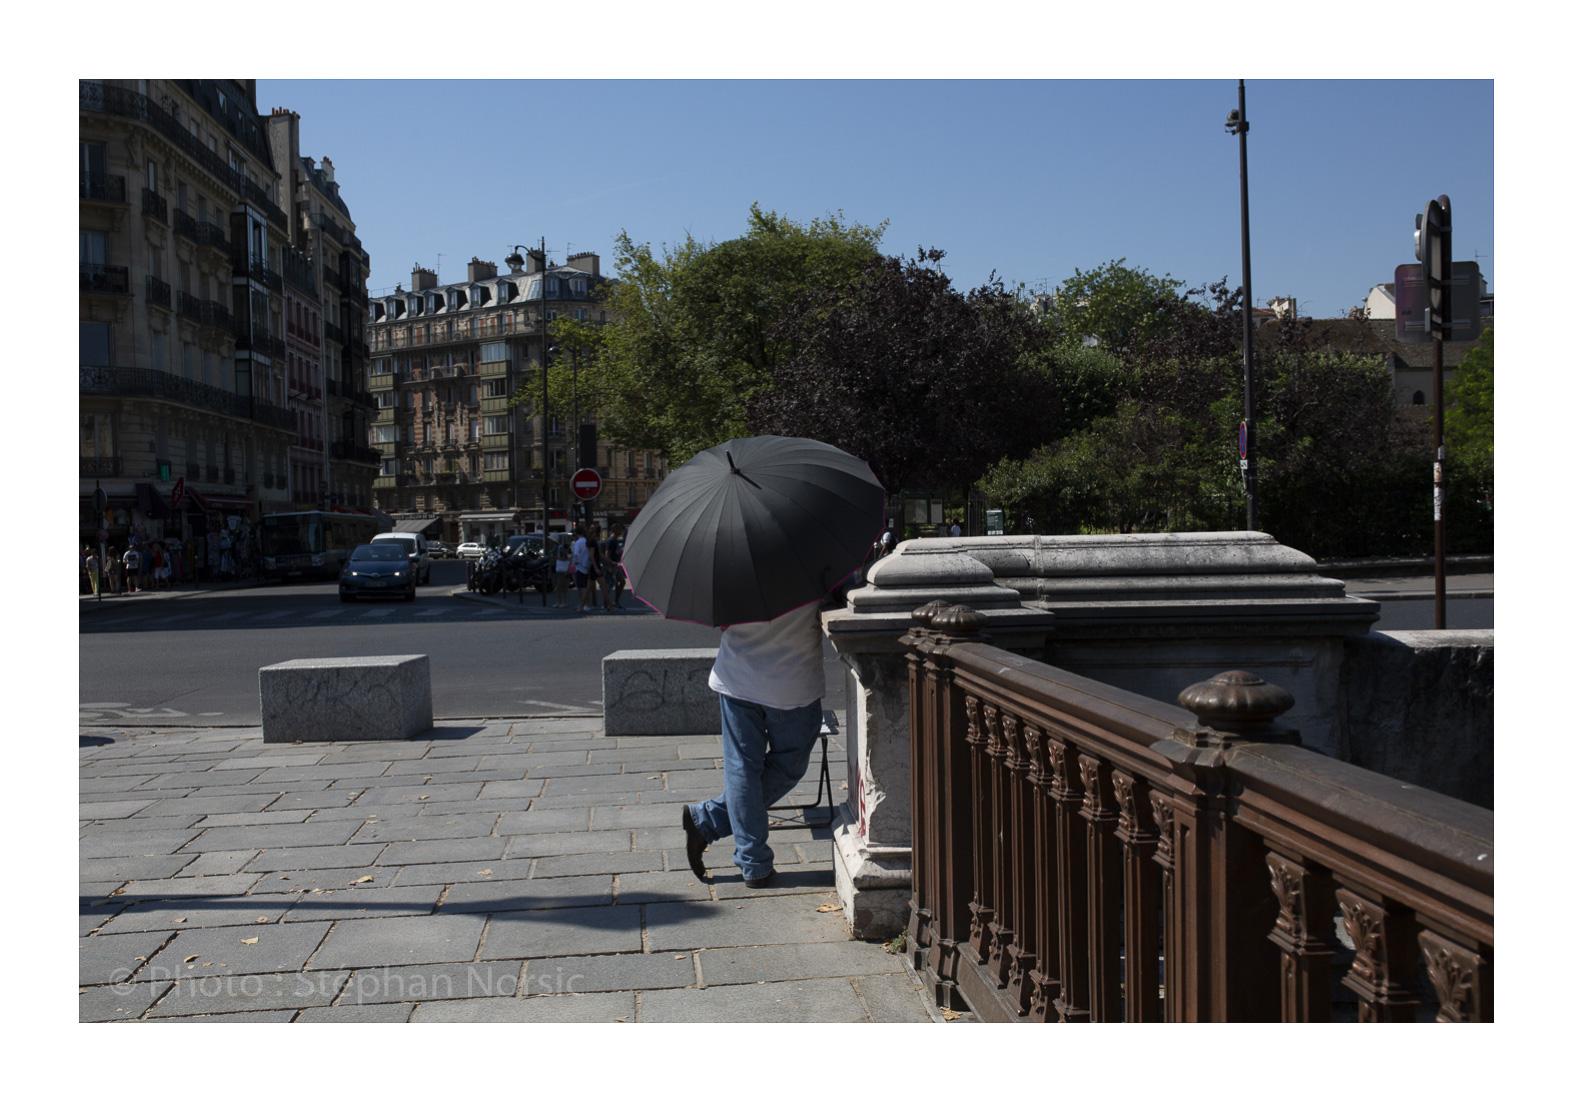 Stephan-Norsic-Paris-0200 (3)